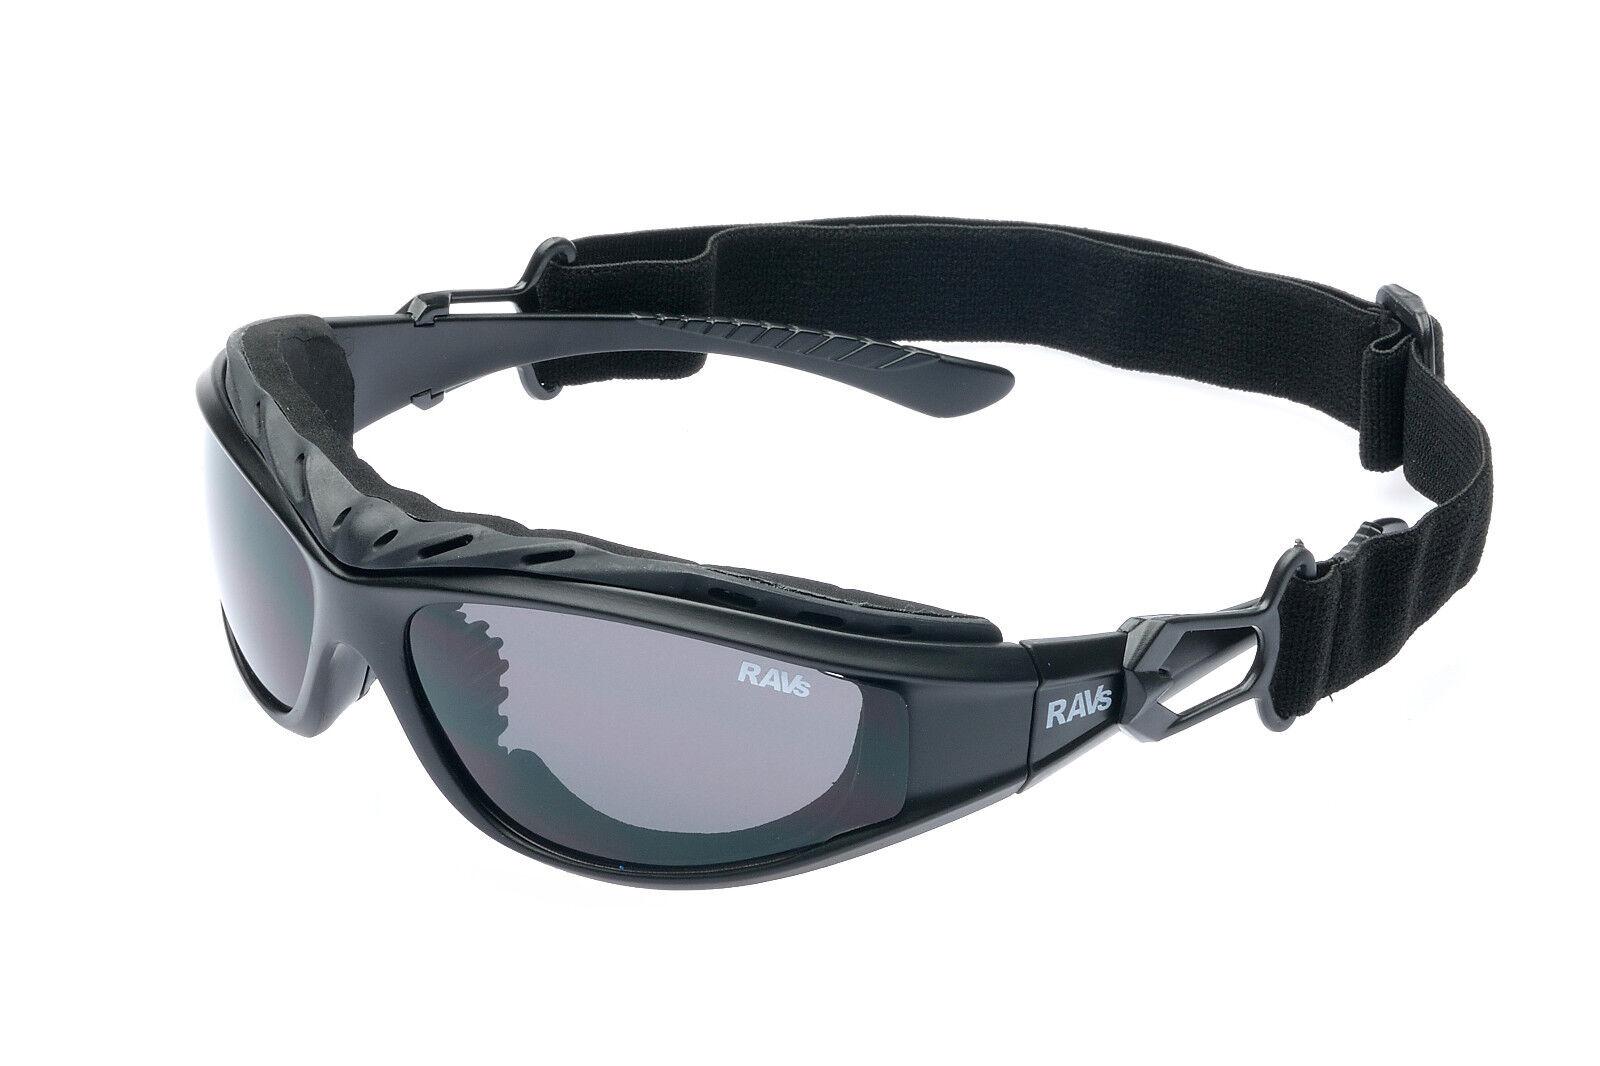 RAVS Sport Sonnenbrille Radbrille Fahrradbrille Schutzbrille mit Band und Bügel